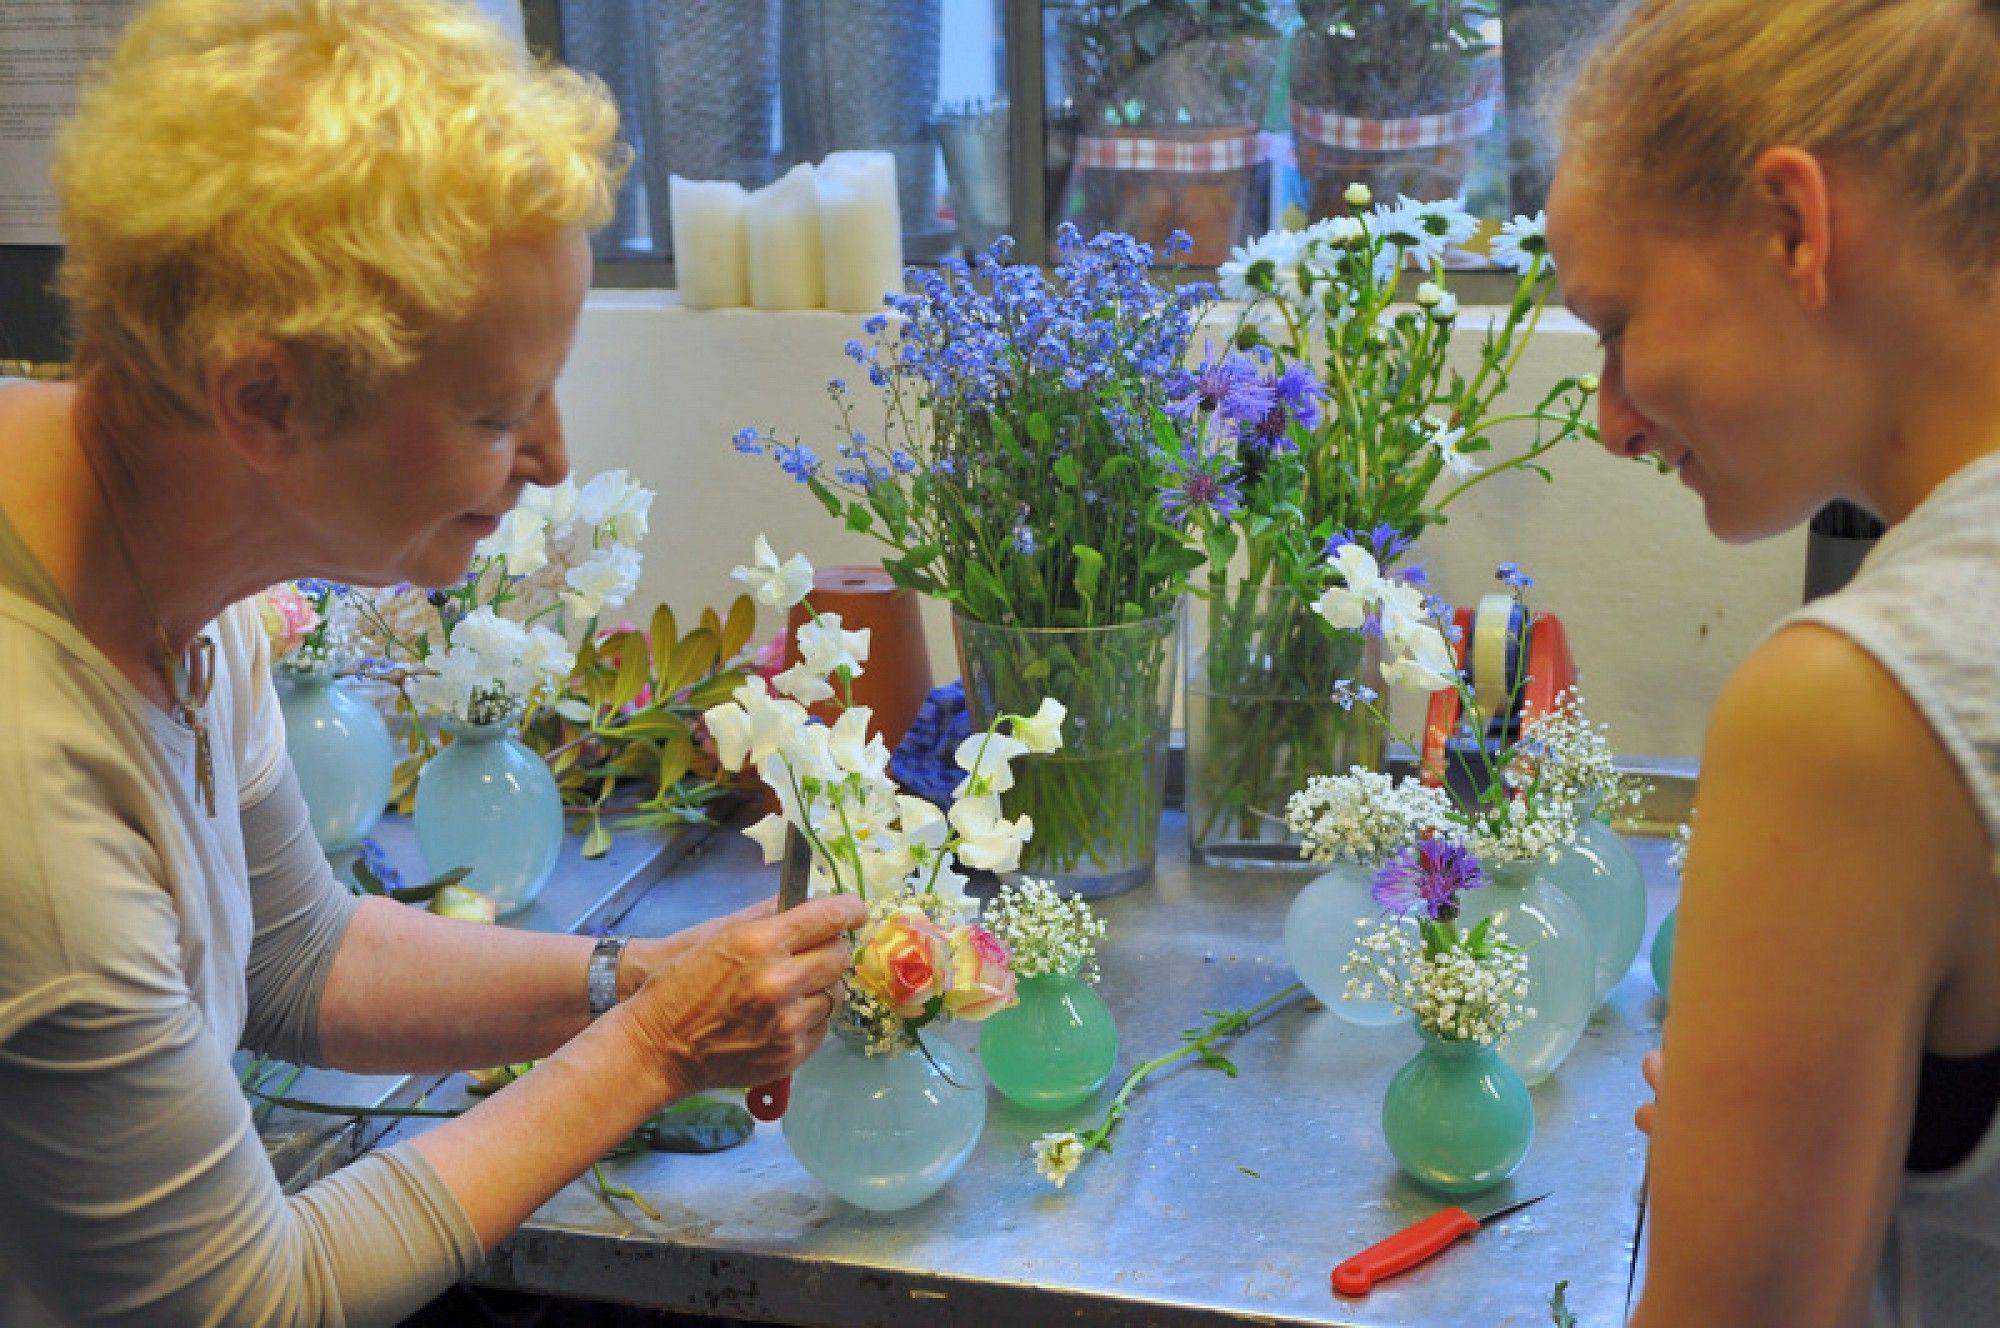 Blumen Koch Berlin Blumen online bestellen Blumendekoration